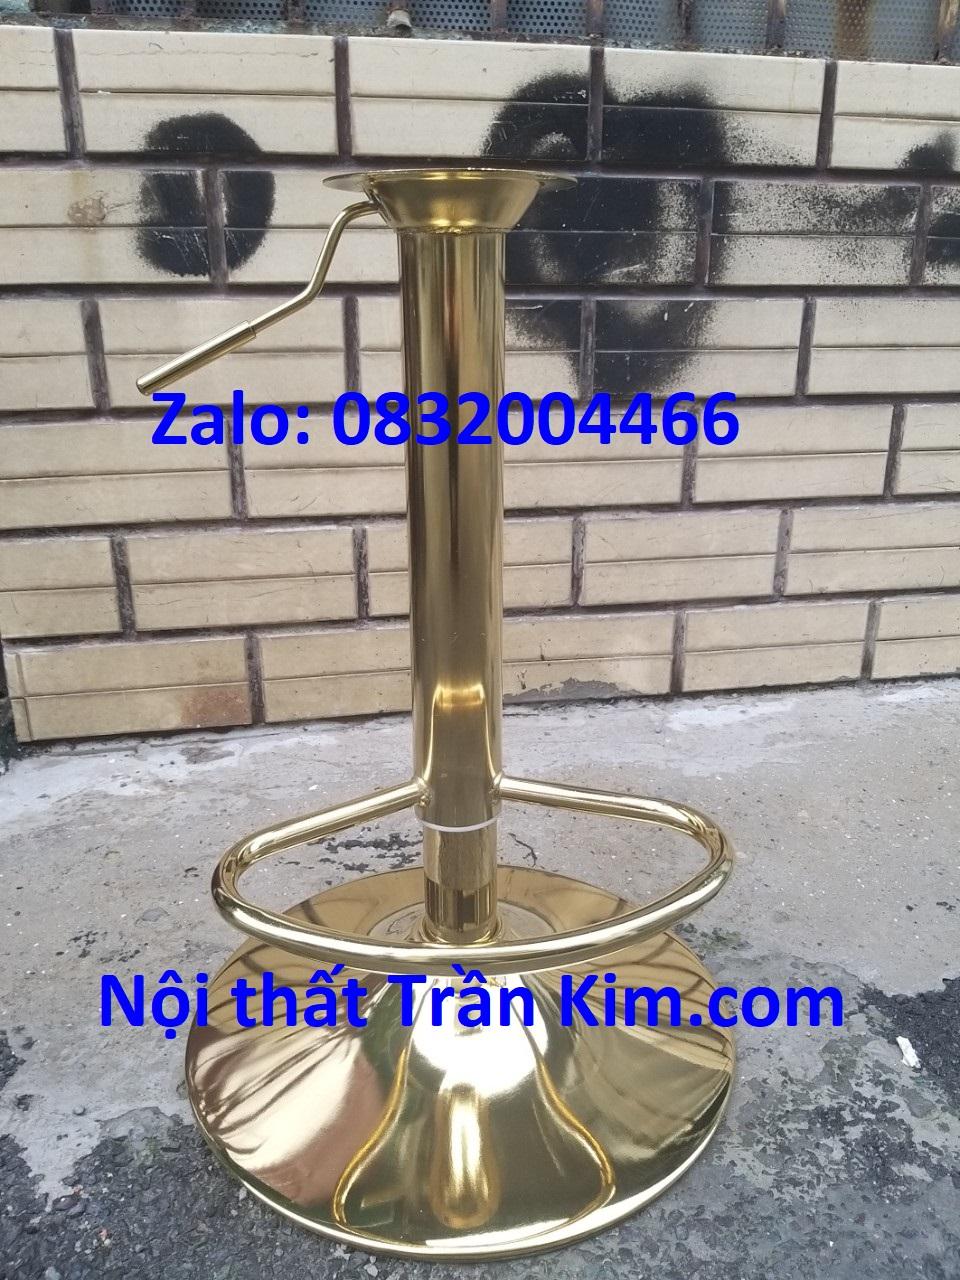 Bộ pk ghế bar xi mạ vàng tk2022v